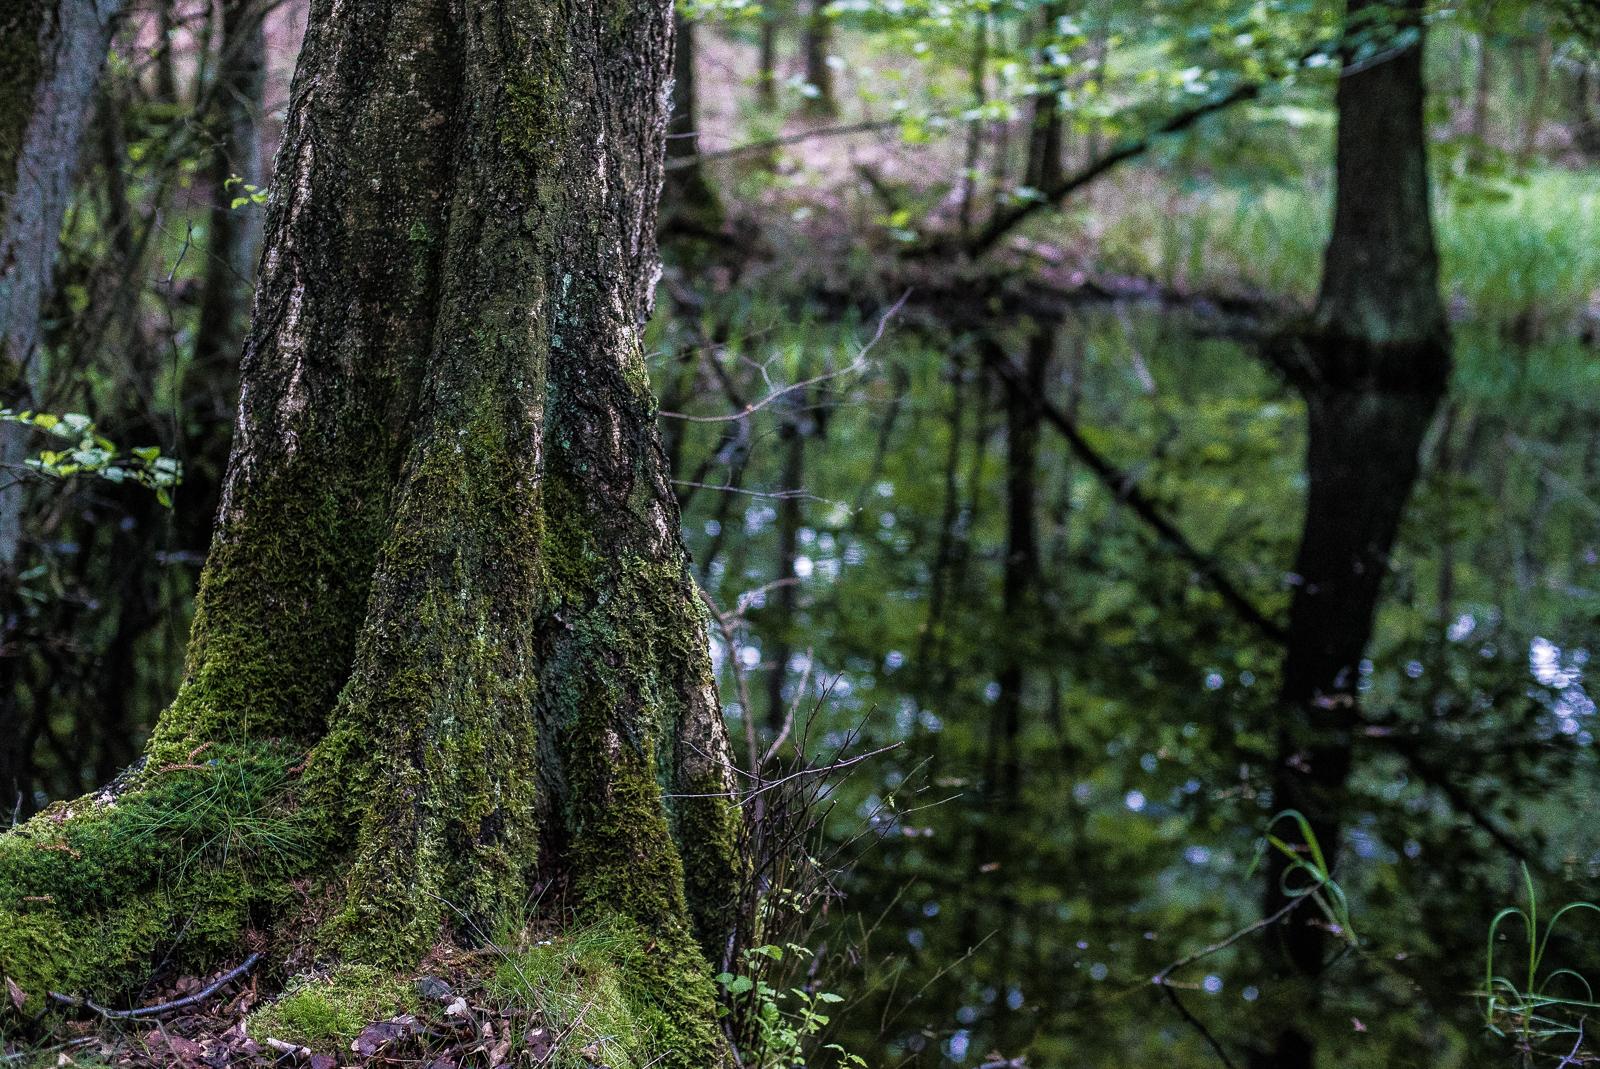 Birke am Ufer, Dämmerlicht